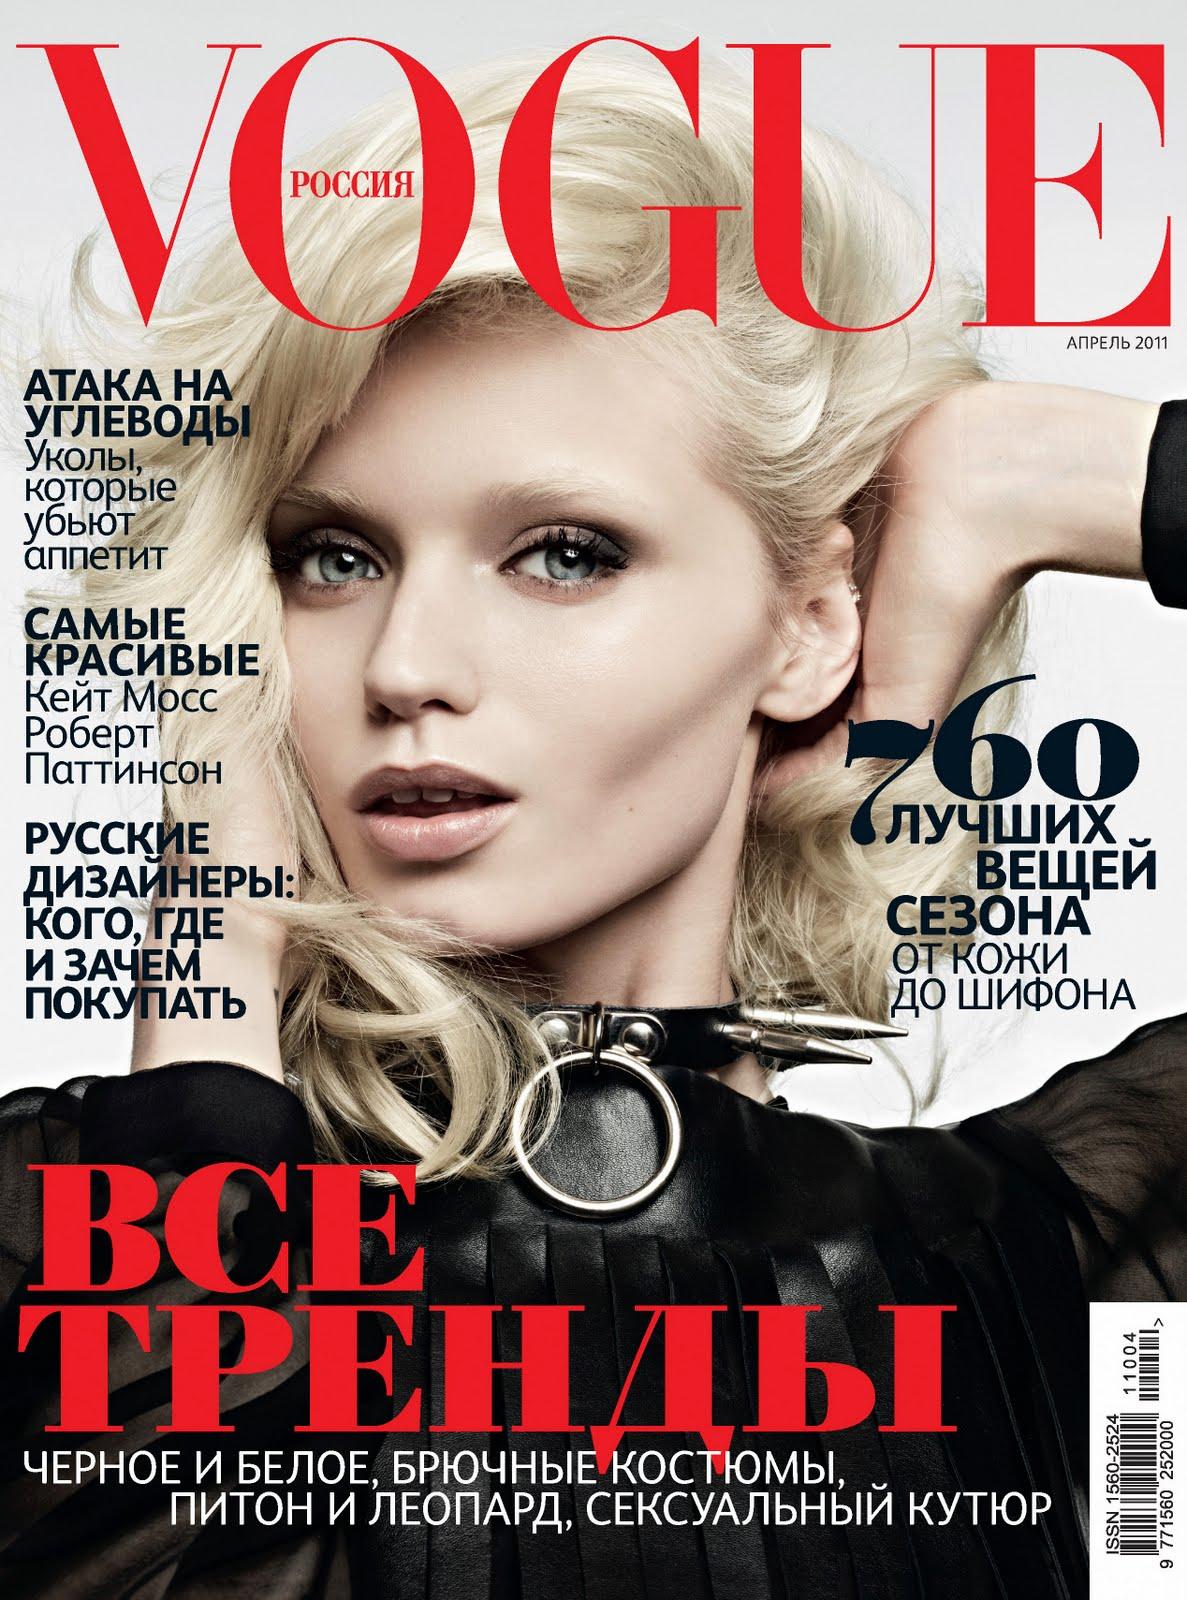 http://2.bp.blogspot.com/-9FYwVUFBczk/TbGd-gEUDoI/AAAAAAAAVvA/0e9wtpu0hB0/s1600/Vogue%2BRussia%2B%2528Abbey%2BLee%2529.jpg